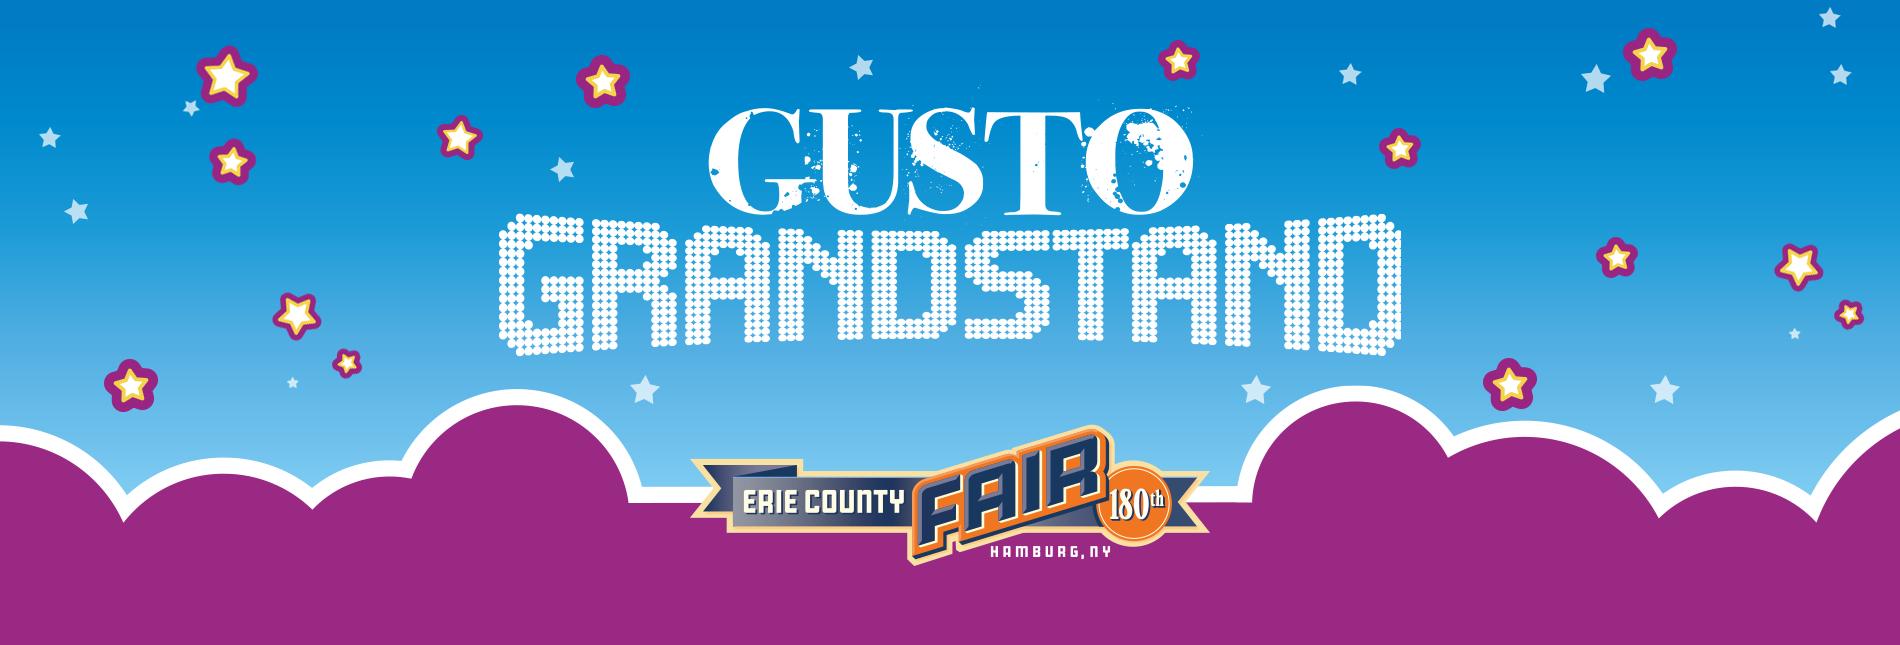 GUSTO Grandstand Header Image